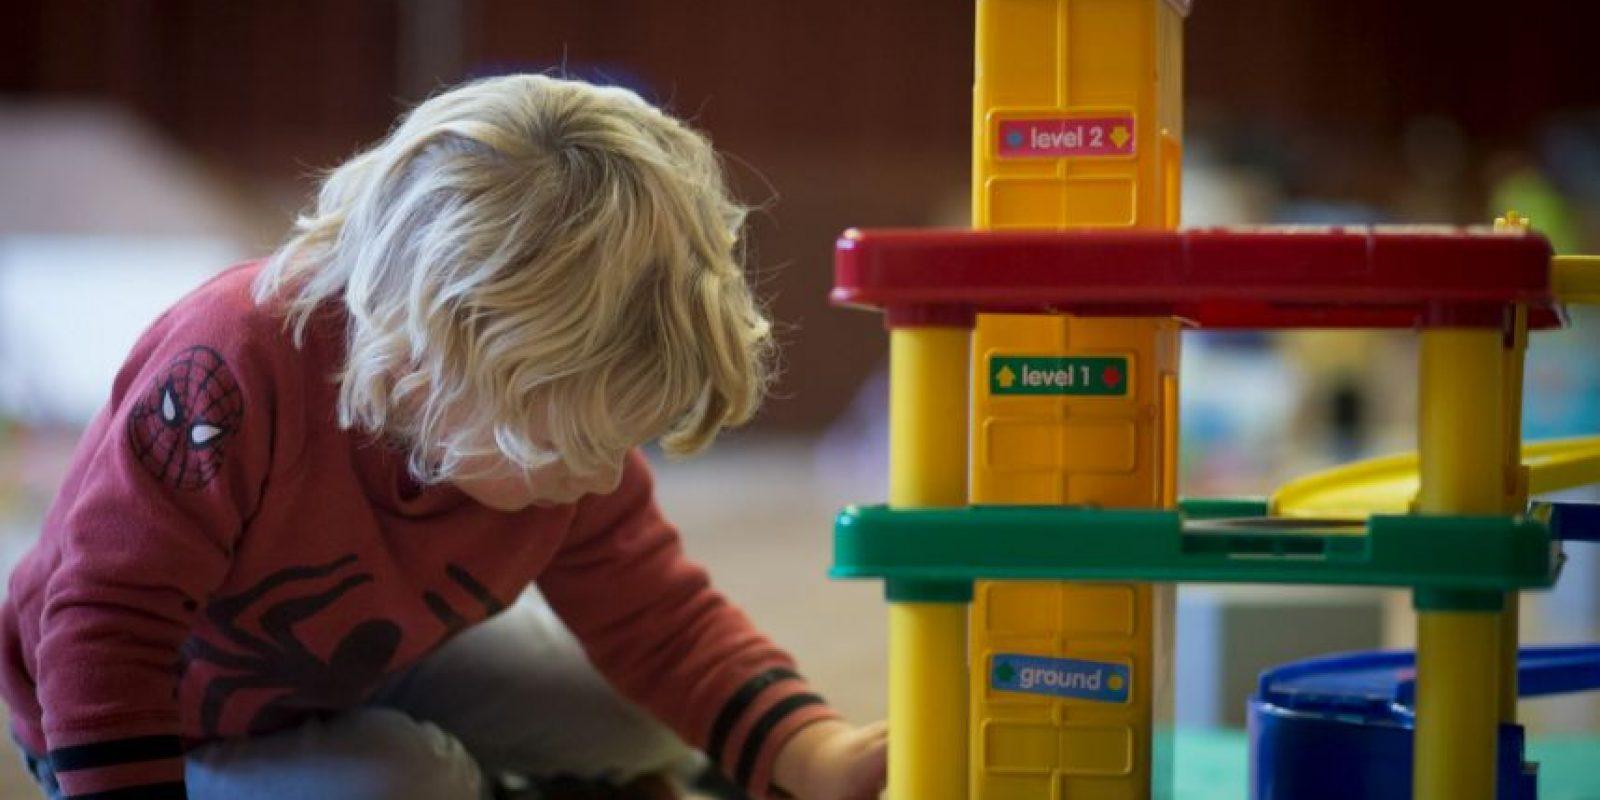 Un niño de cuatro años resulto ileso después de que un automóvil lo atropellara. Foto:Getty Images